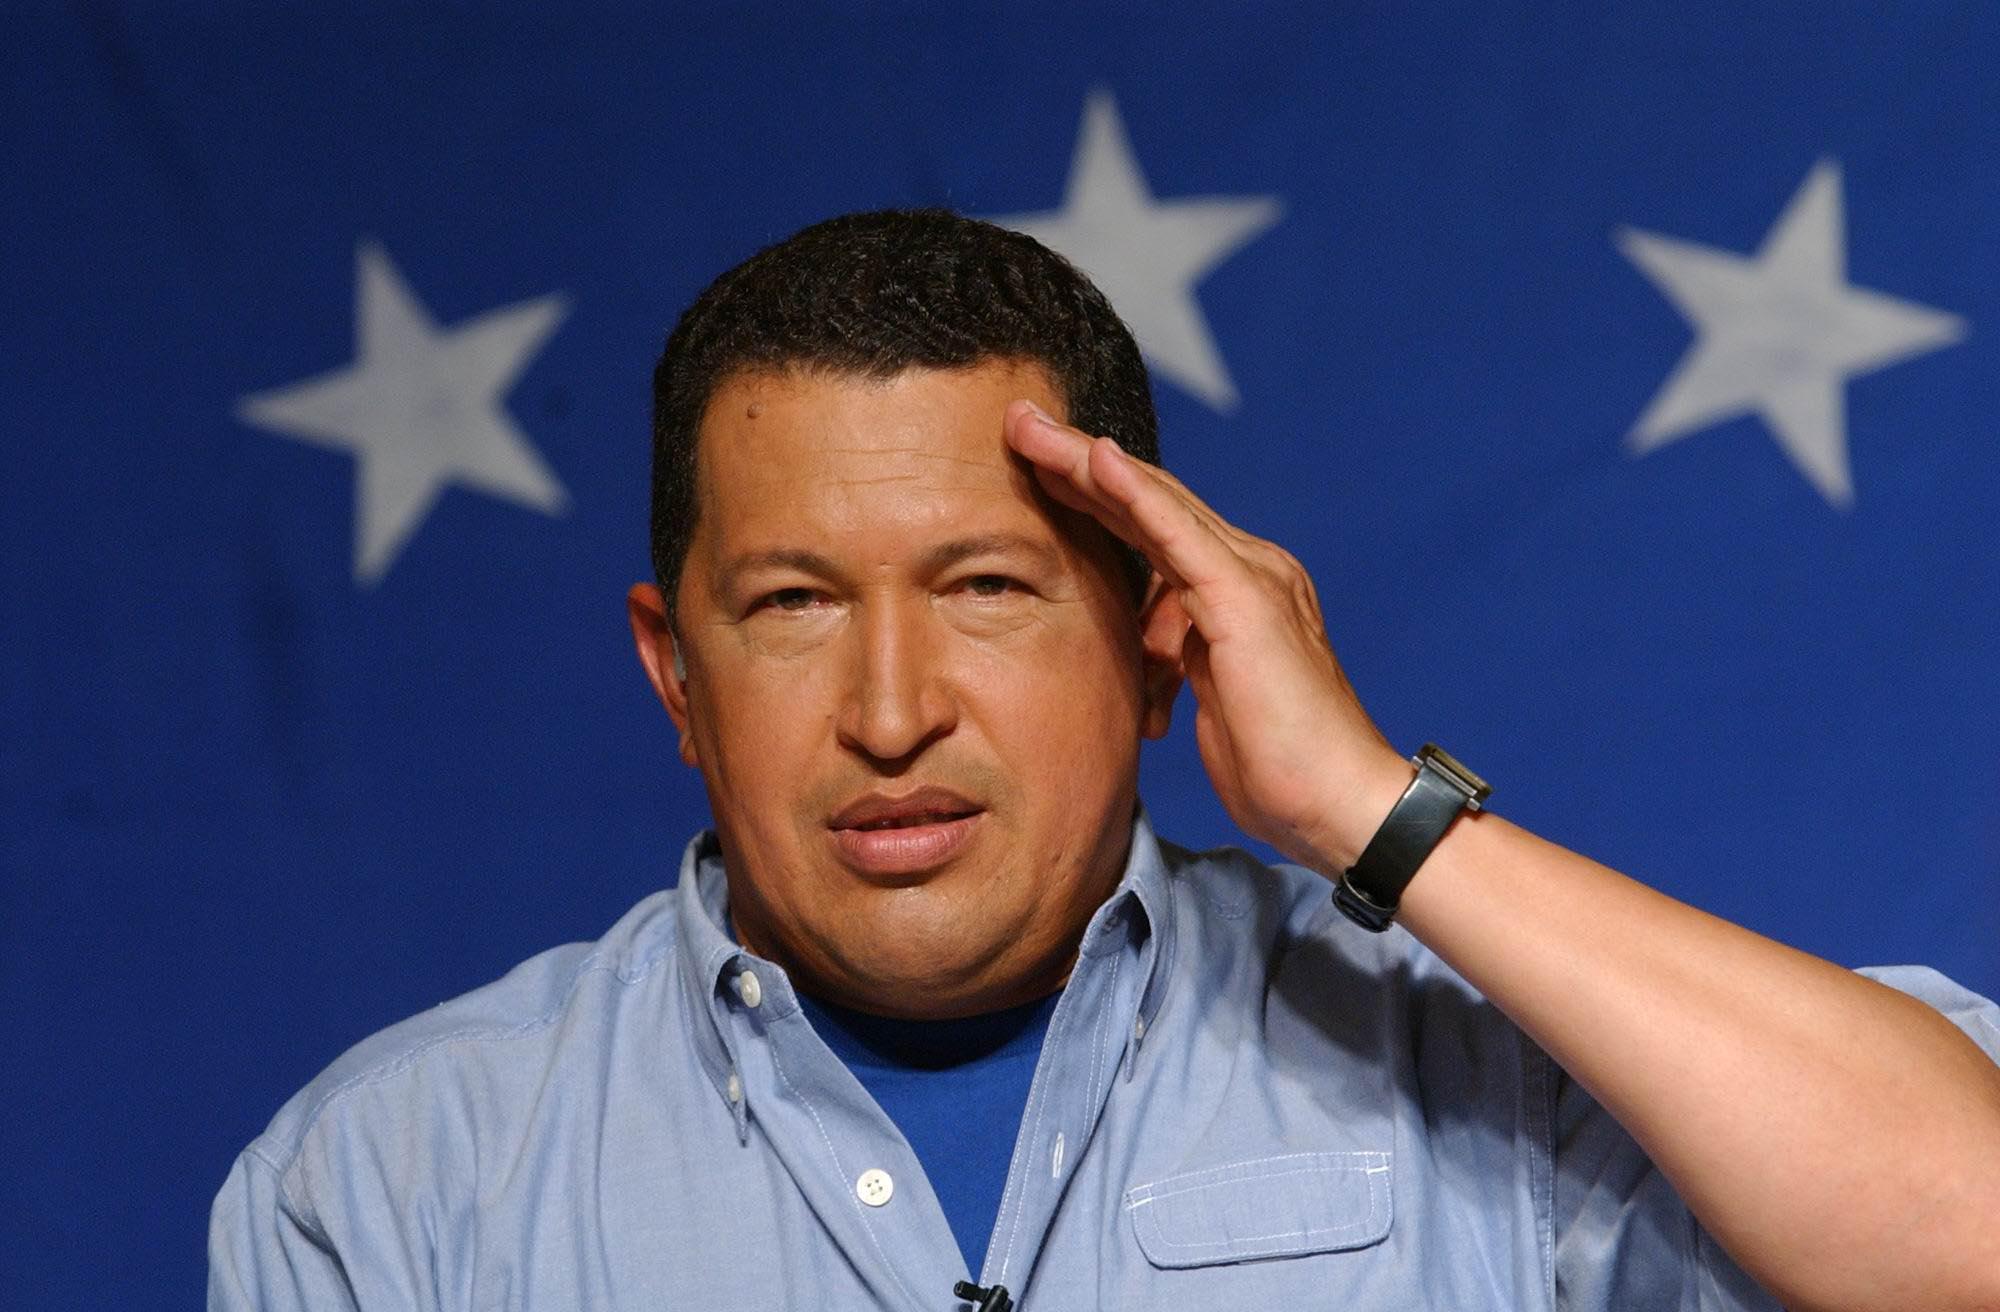 E' morto Hugo Chávez, vittima di un complotto americano! ¡Hugo Chávez víctima de una conspiración americana!